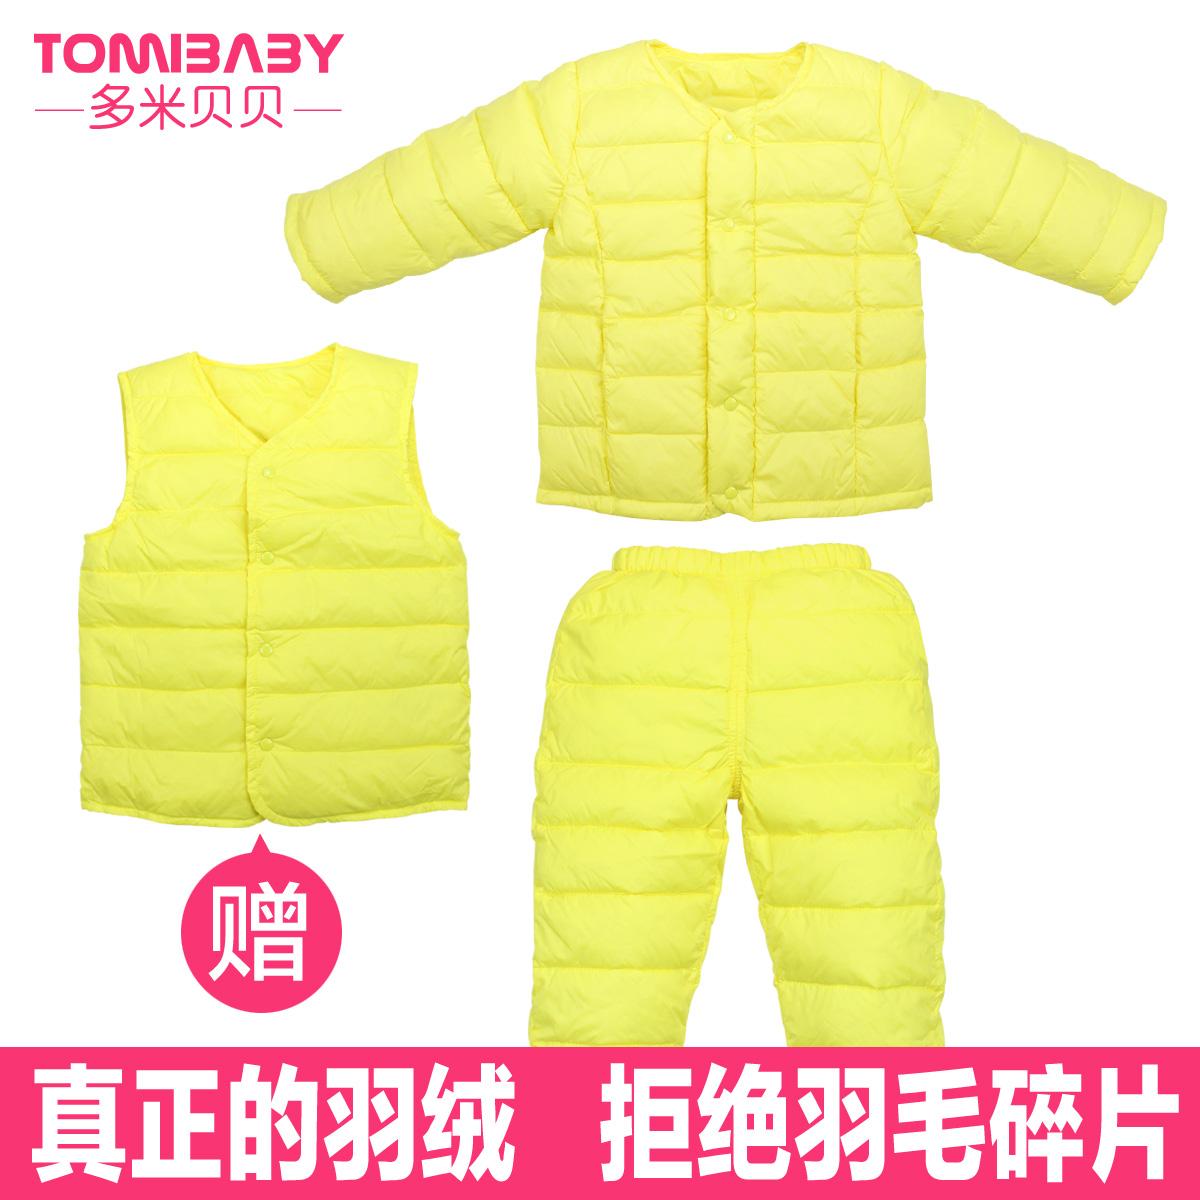 多米贝贝 婴儿羽绒服套装秋冬 宝宝羽绒衣0-1-2岁背心+长袖+长裤